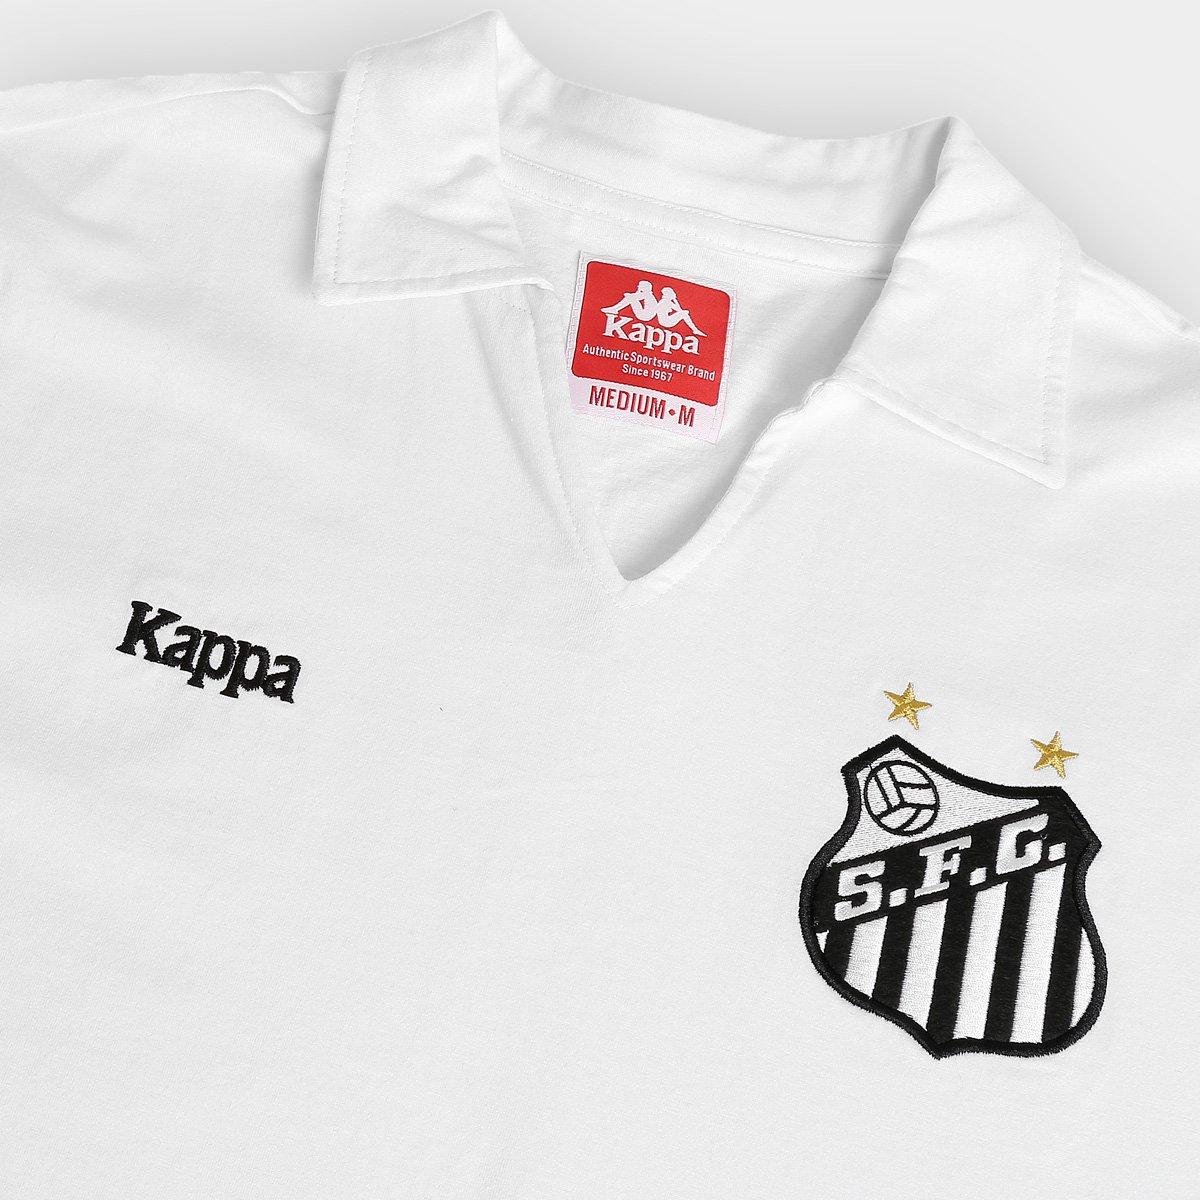 a24902b4fe Camisa Retrô Santos Kappa Masculina - Compre Agora